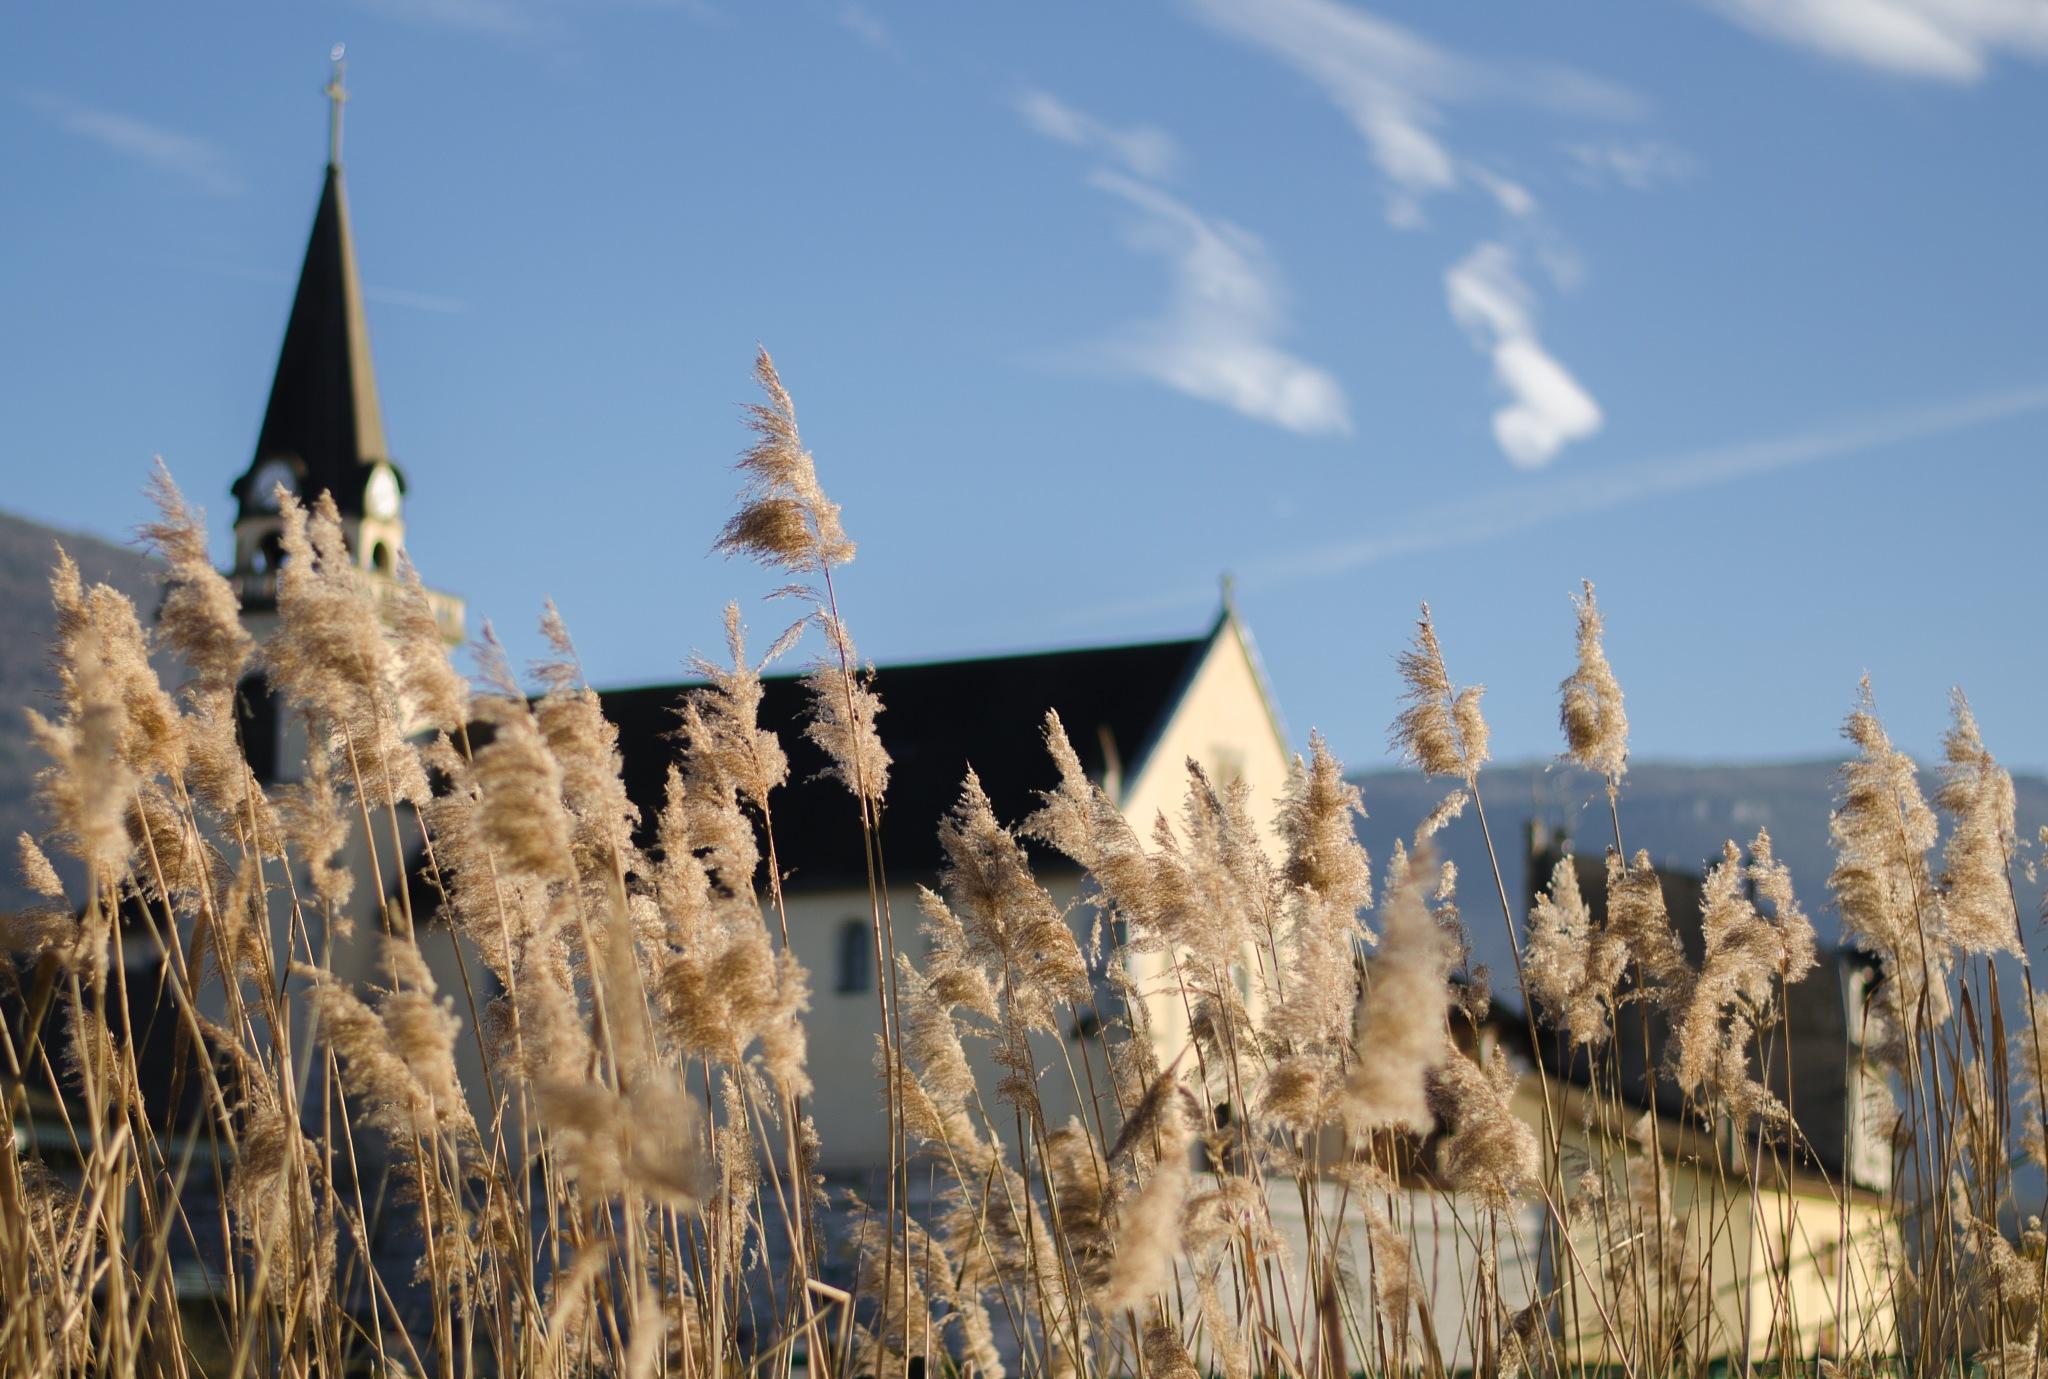 Eglise de Seyssel by Aurélien Campéas